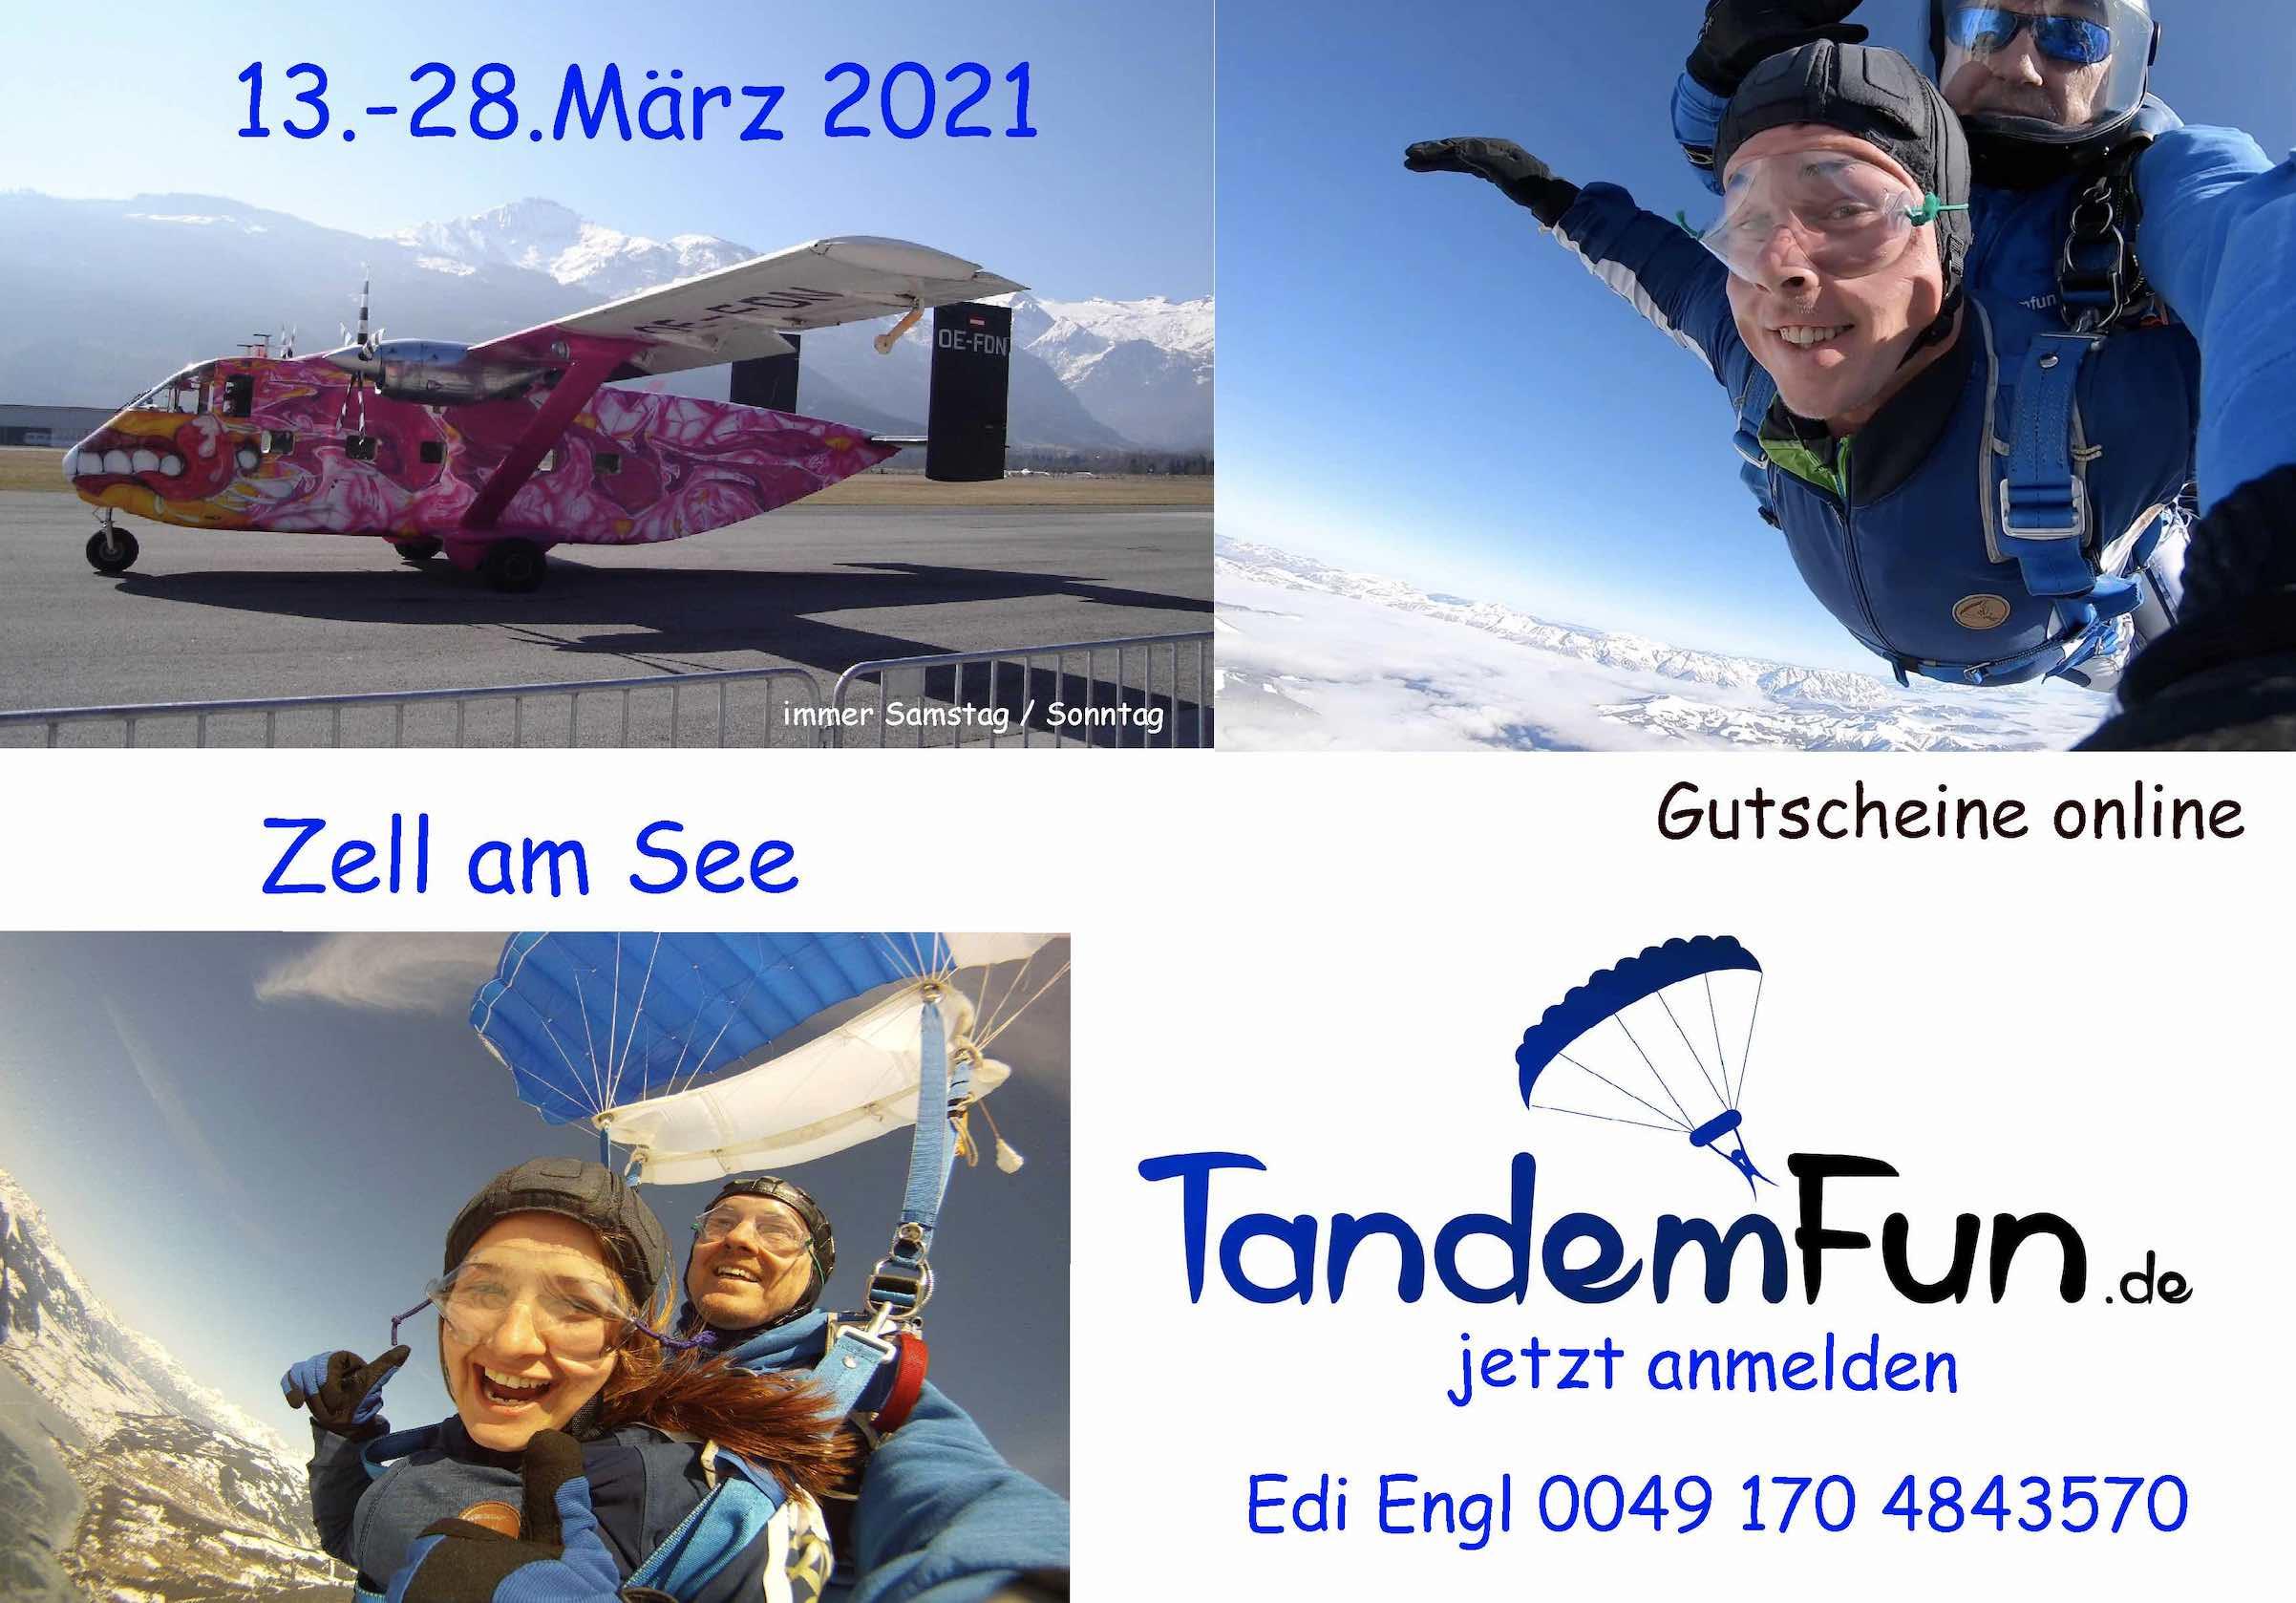 Fallschirmsprung Zell am See Event März 2021